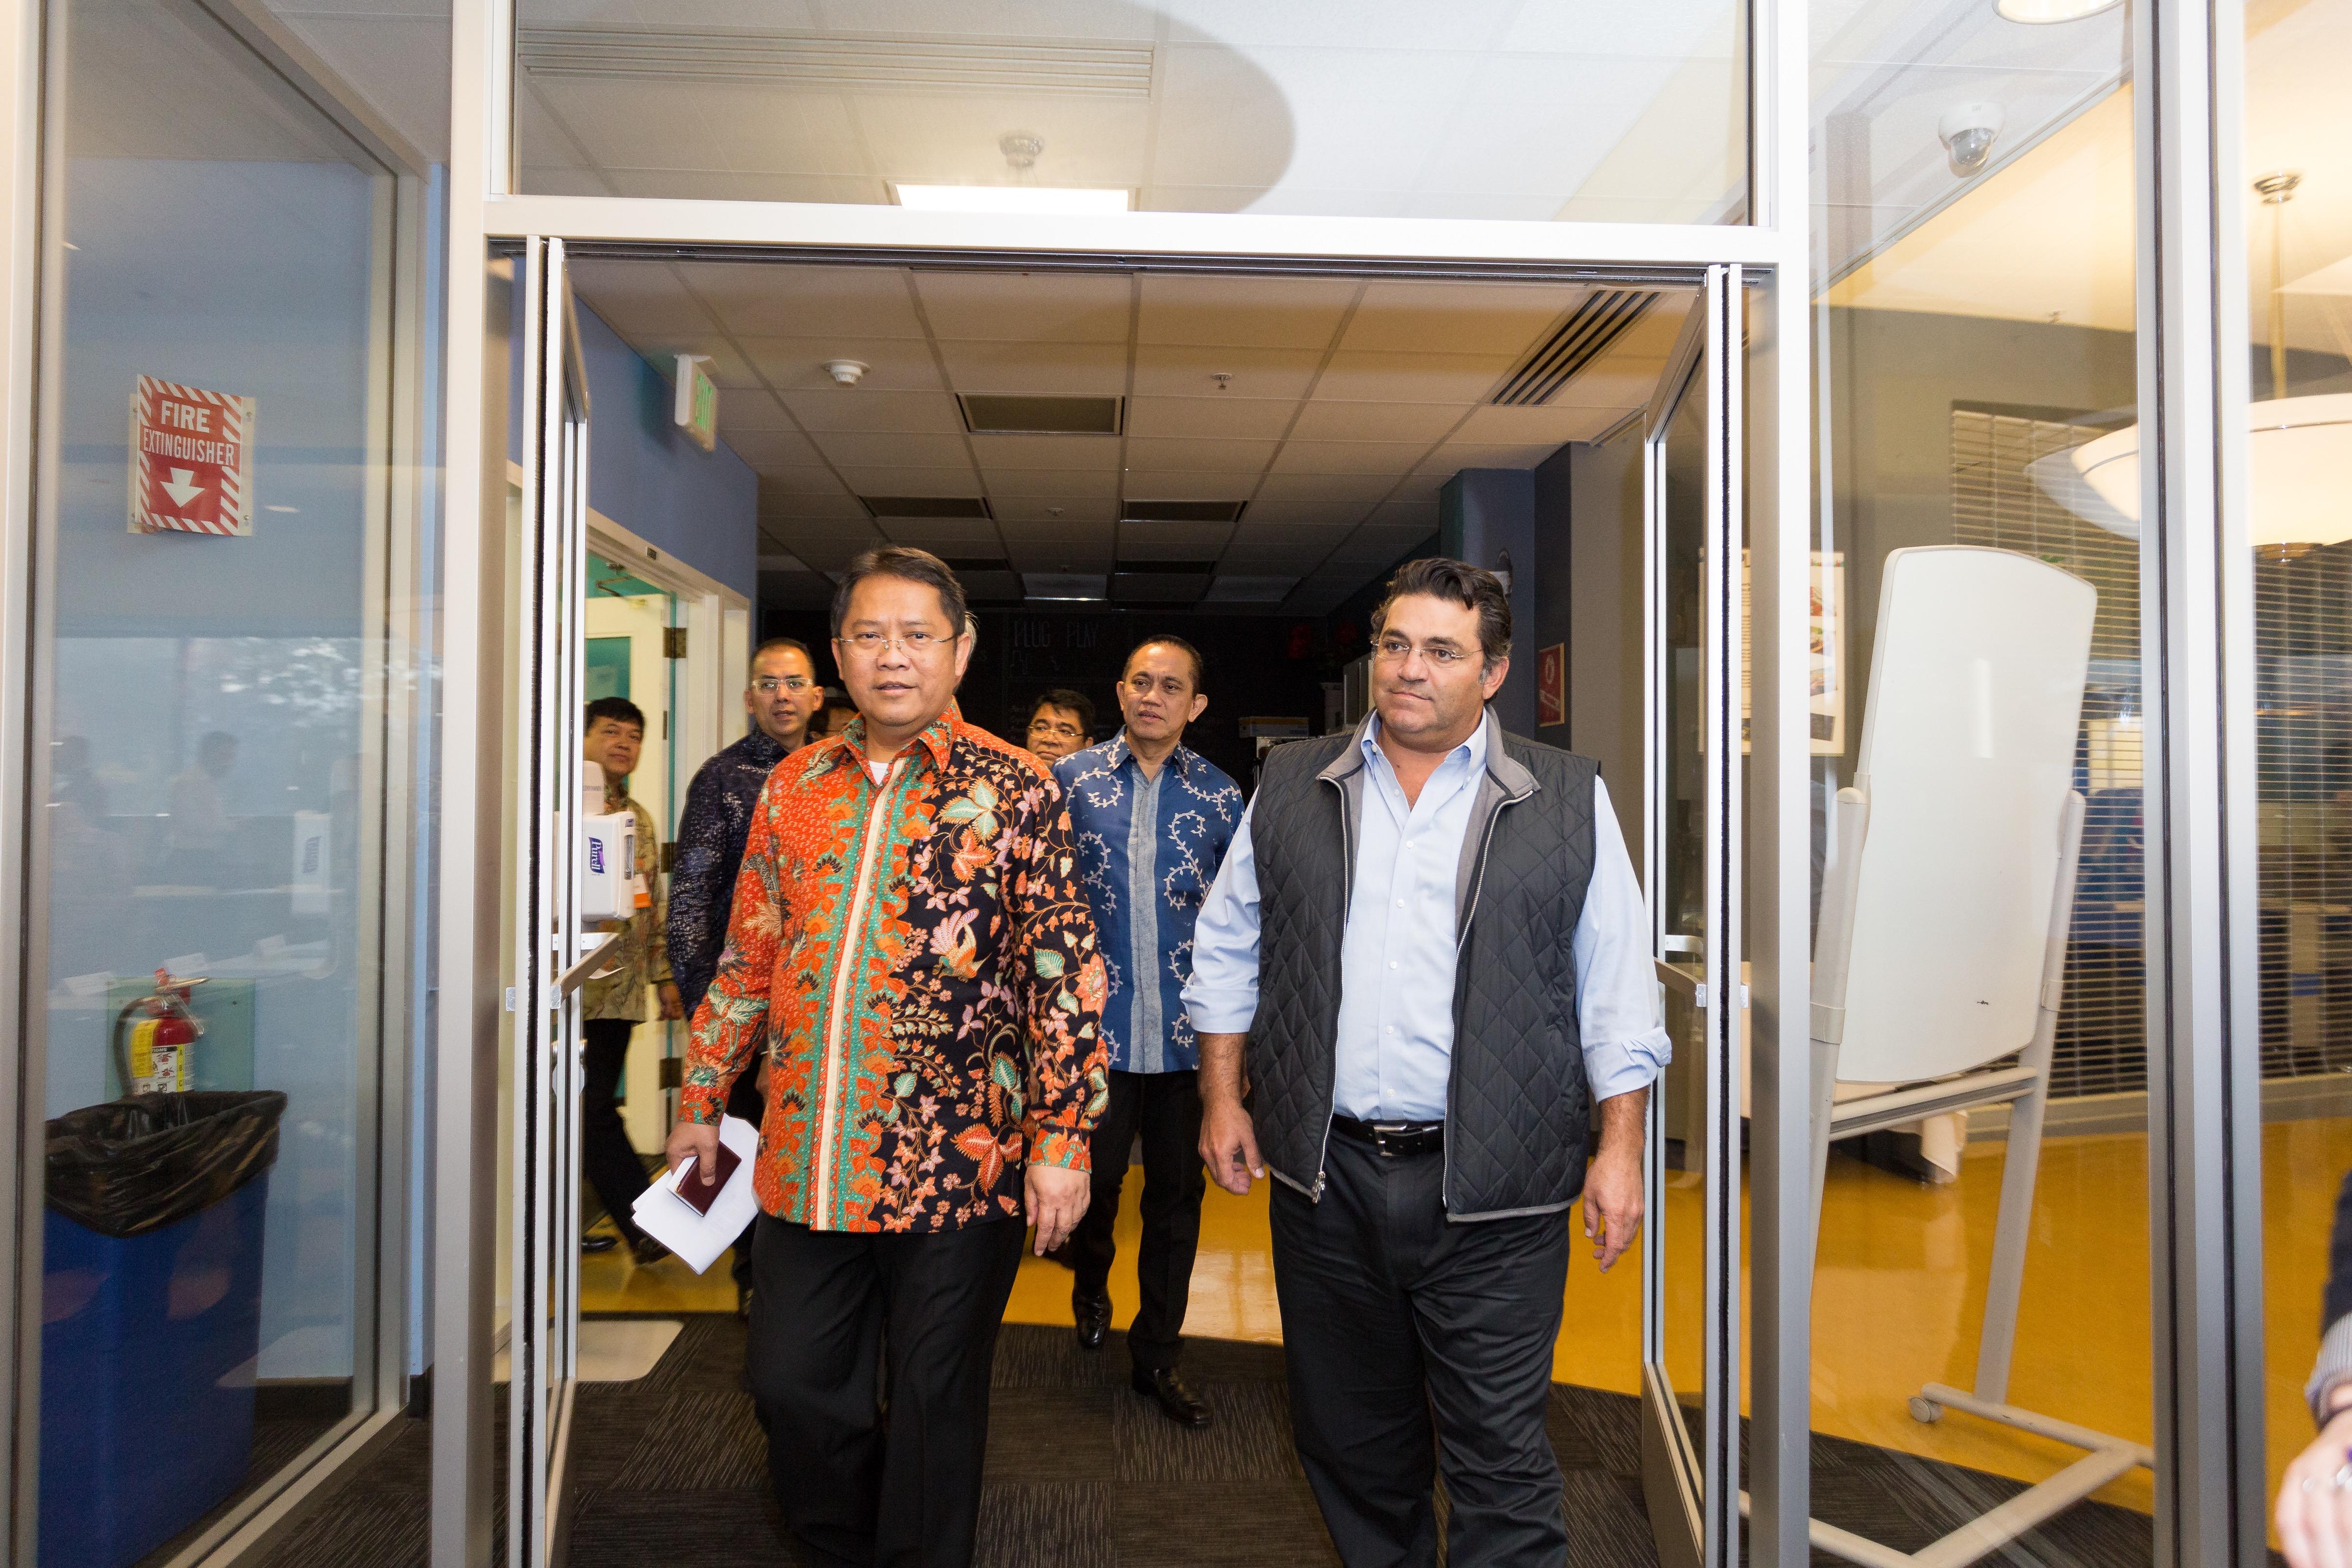 Indo delegation visit to SV - 96 of 115